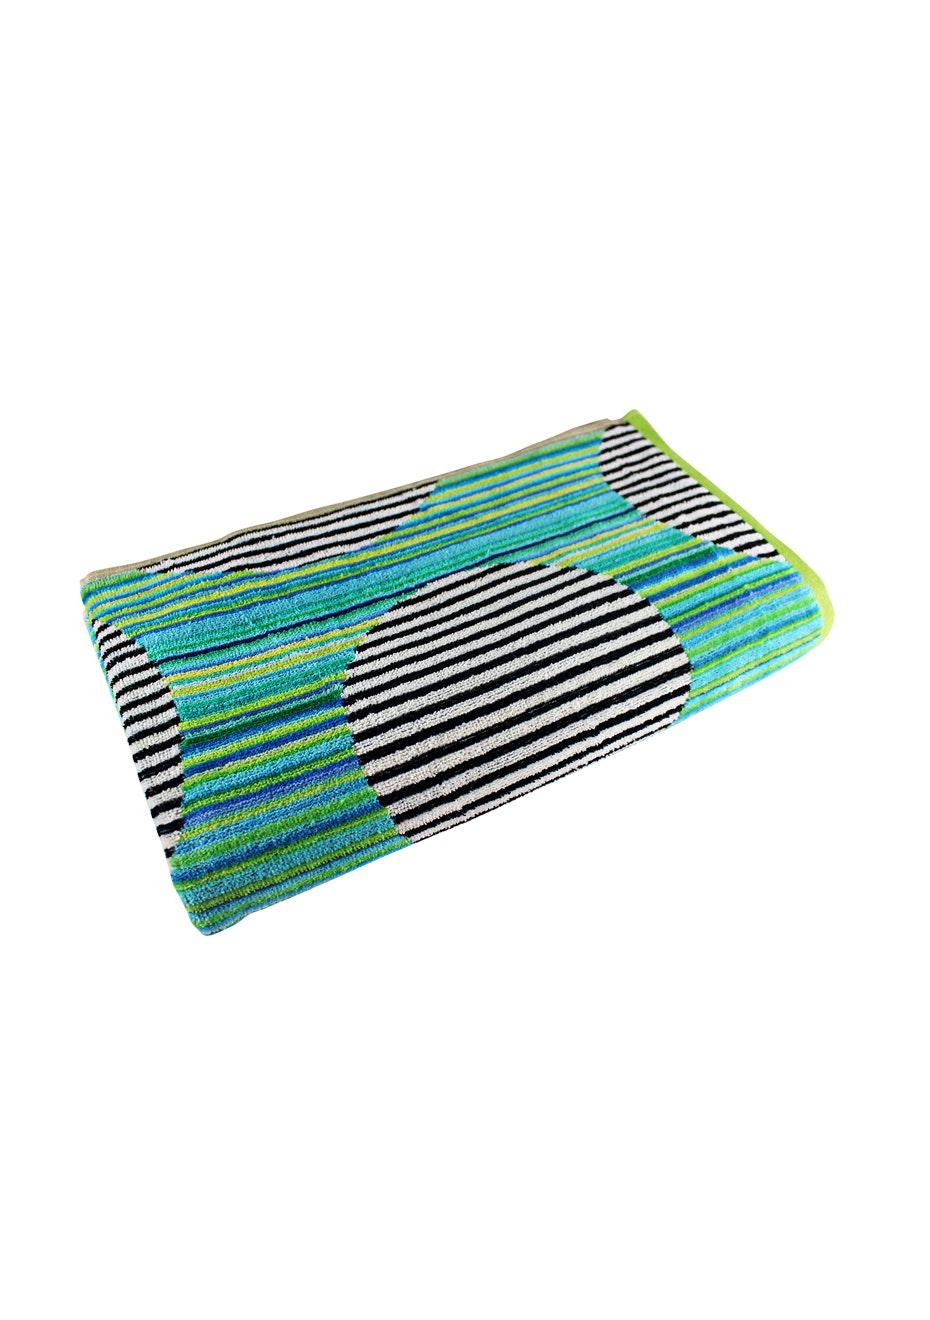 Legian 100% Cotton Velour Jacquard Beach Towel - 100x180cm